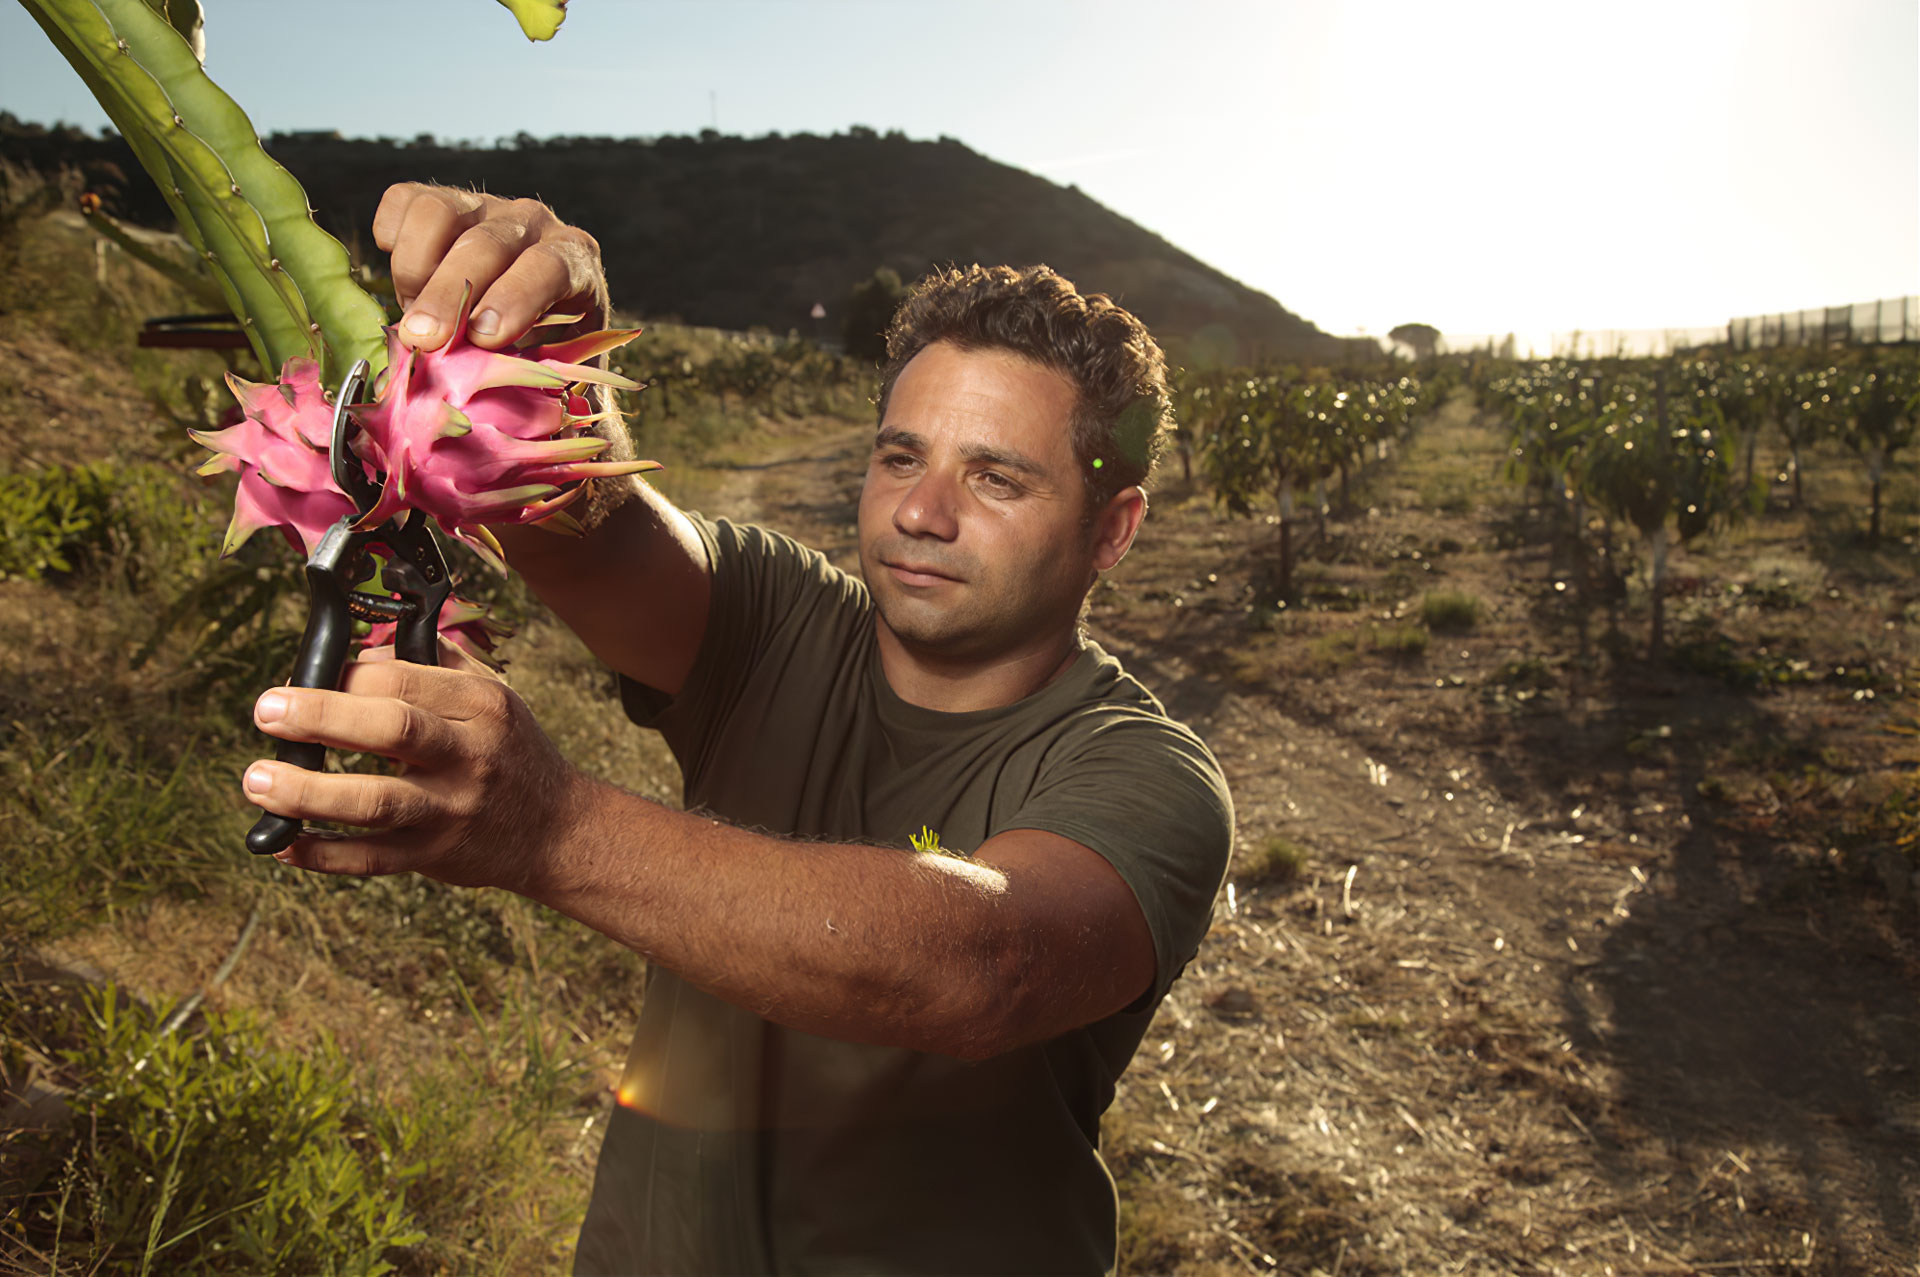 personale in campo impegnato nella raccolta della pitaya rossa